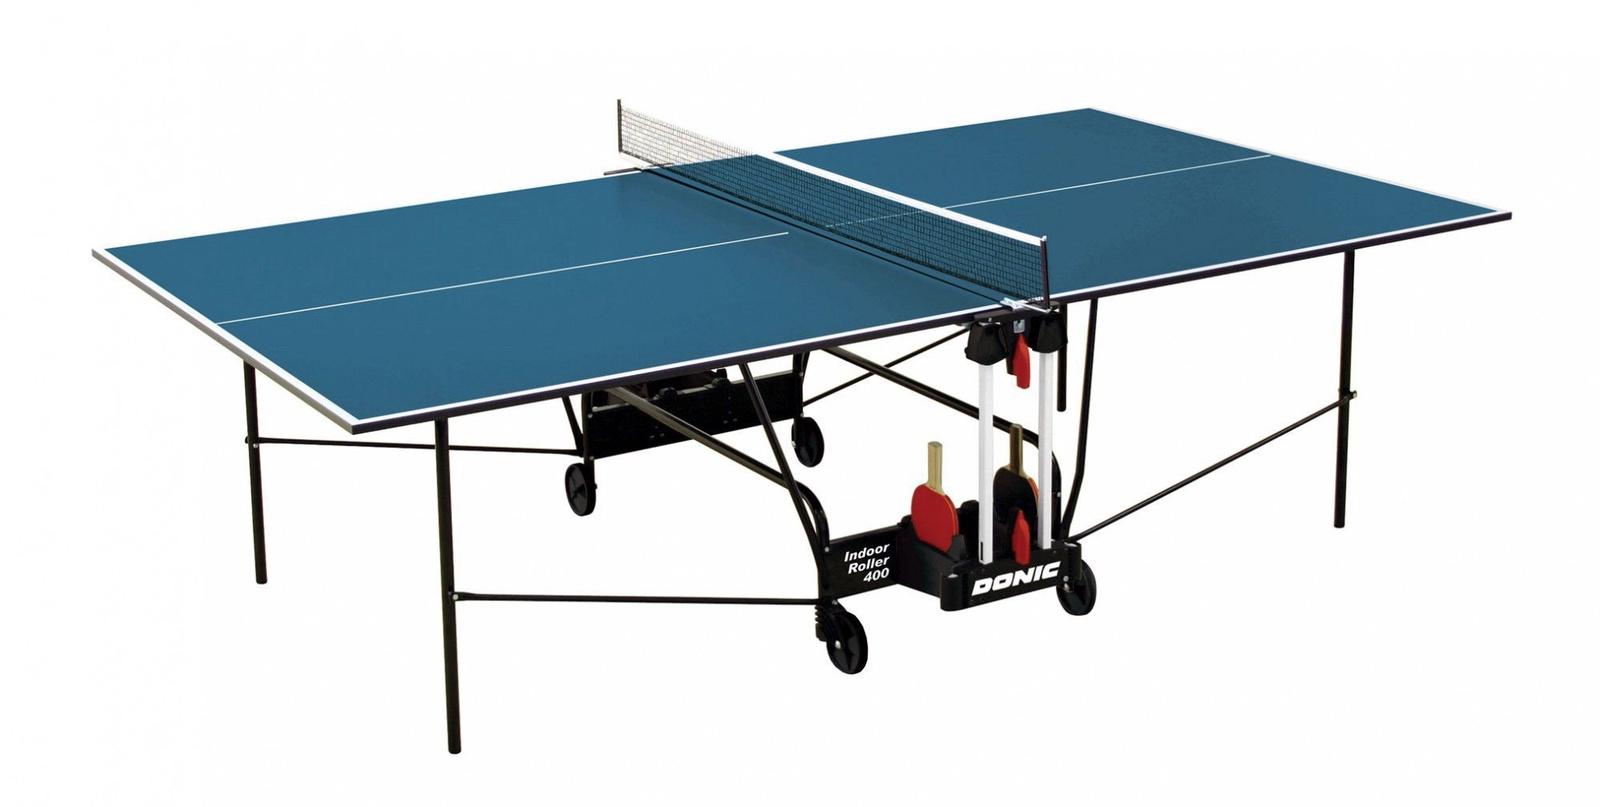 Теннисный стол Donic 230284-B, синий теннисный стол dfc tornado 4 мм с сеткой